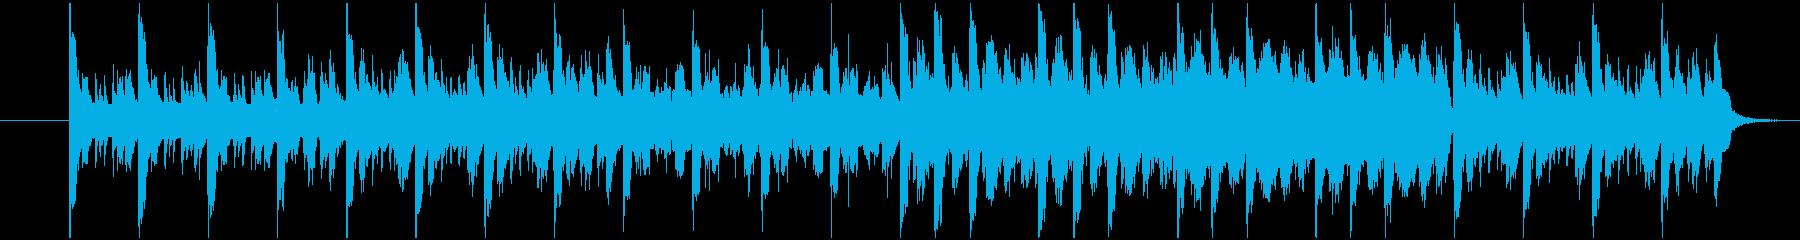 陽気な雰囲気の民族音楽の再生済みの波形